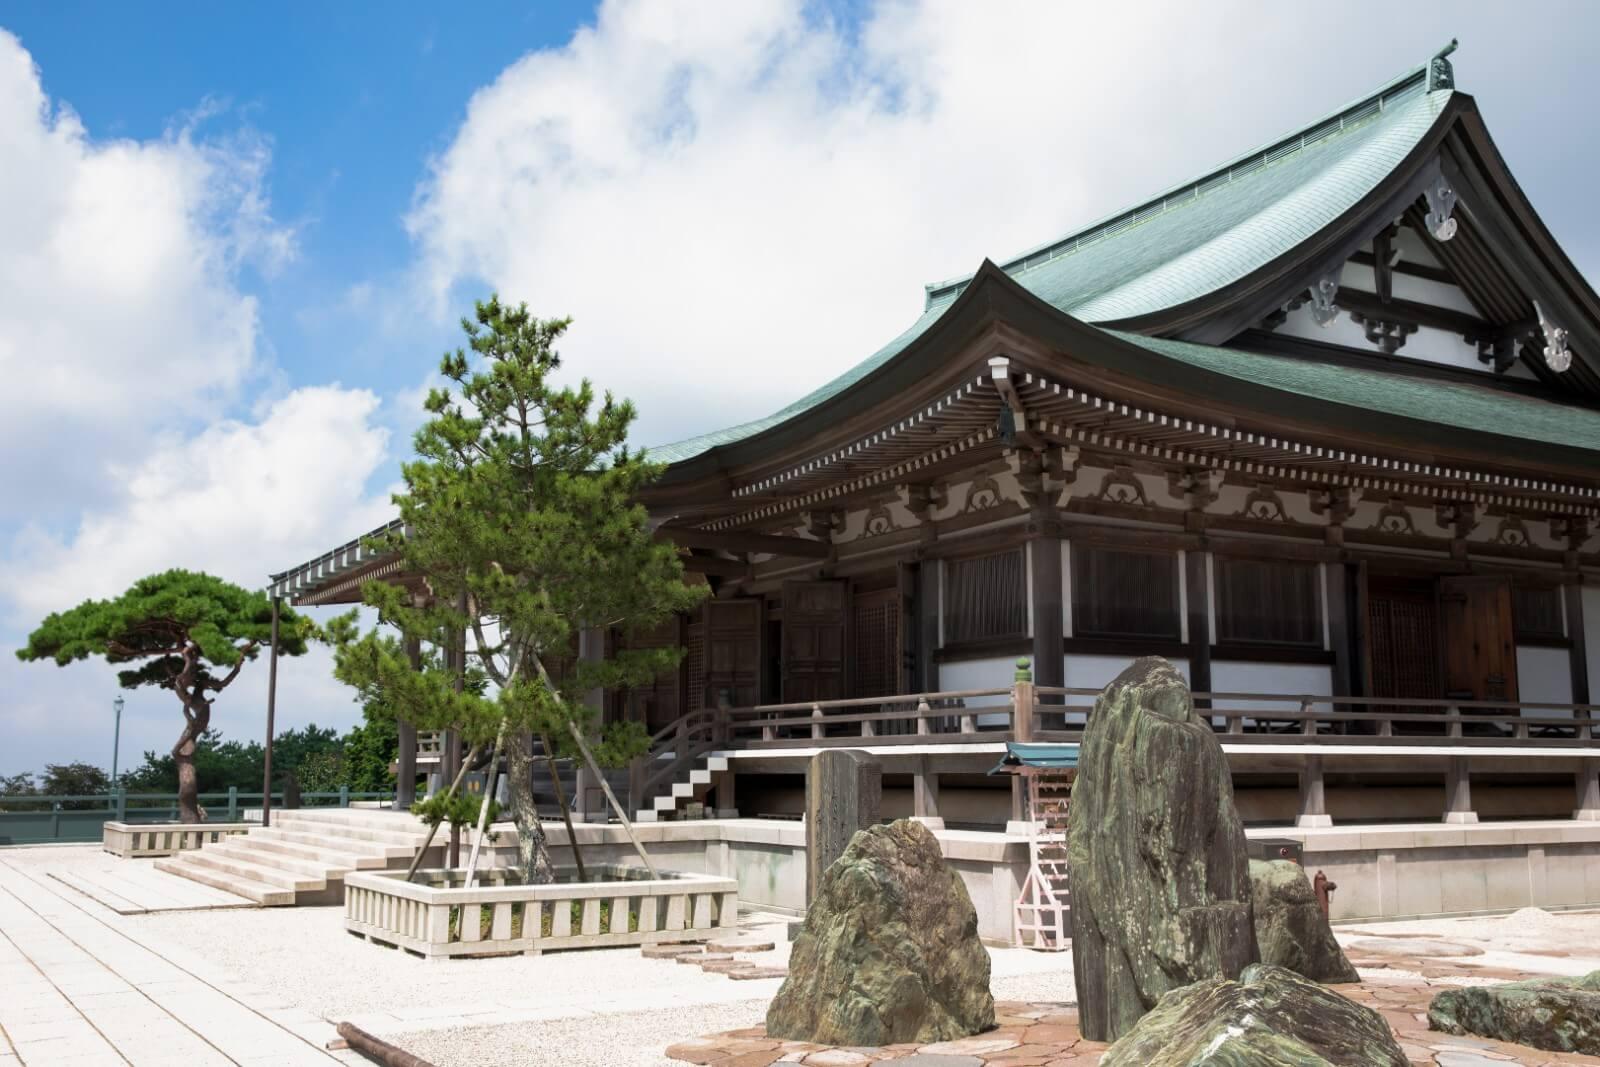 神戸 摩耶山天上寺 Kobe masayan tenjoji (横から)